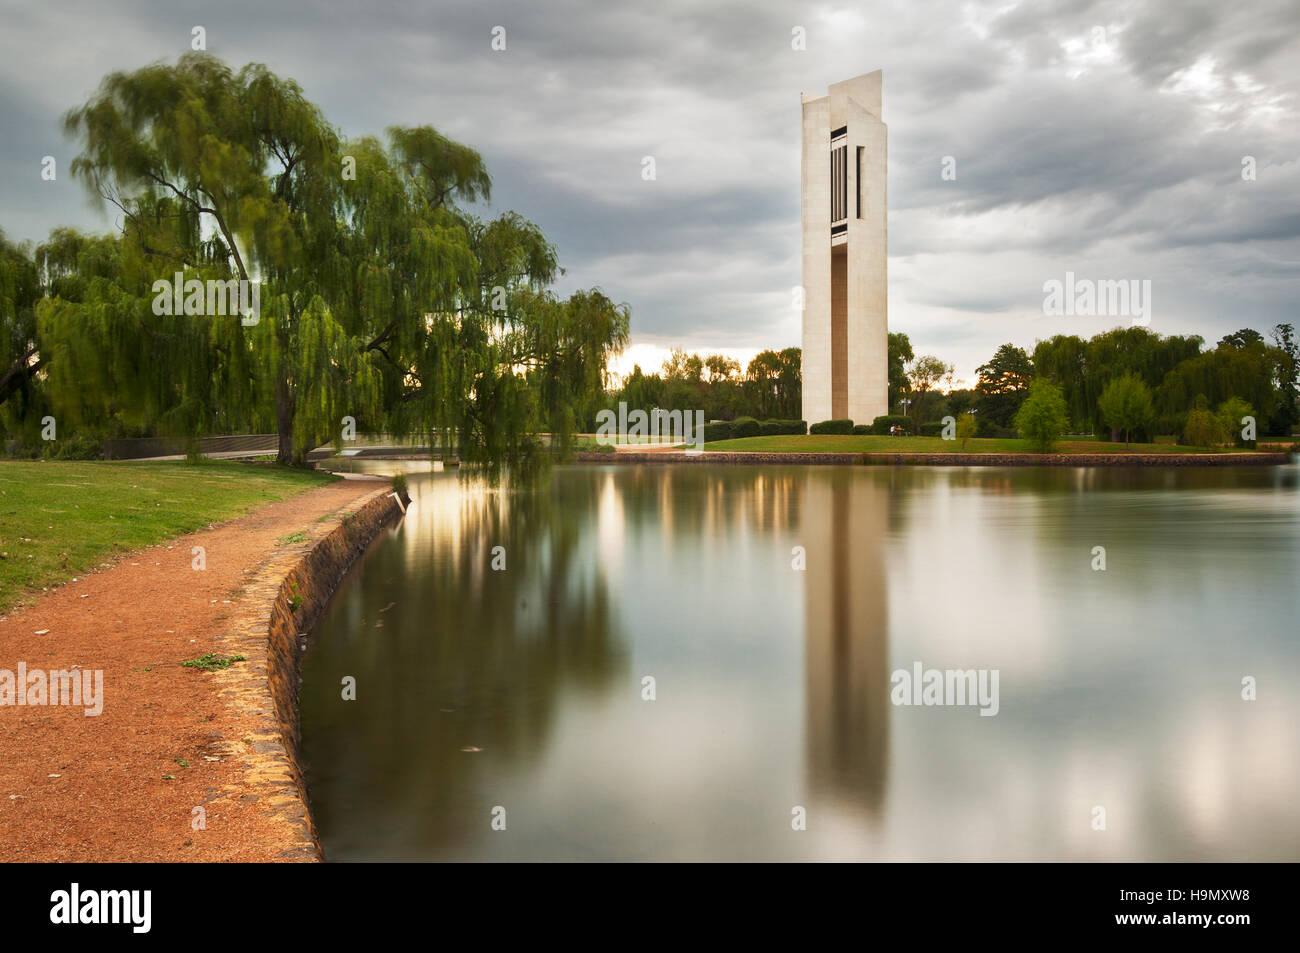 La National Carillion en Australie Canberra la capitale. Photo Stock